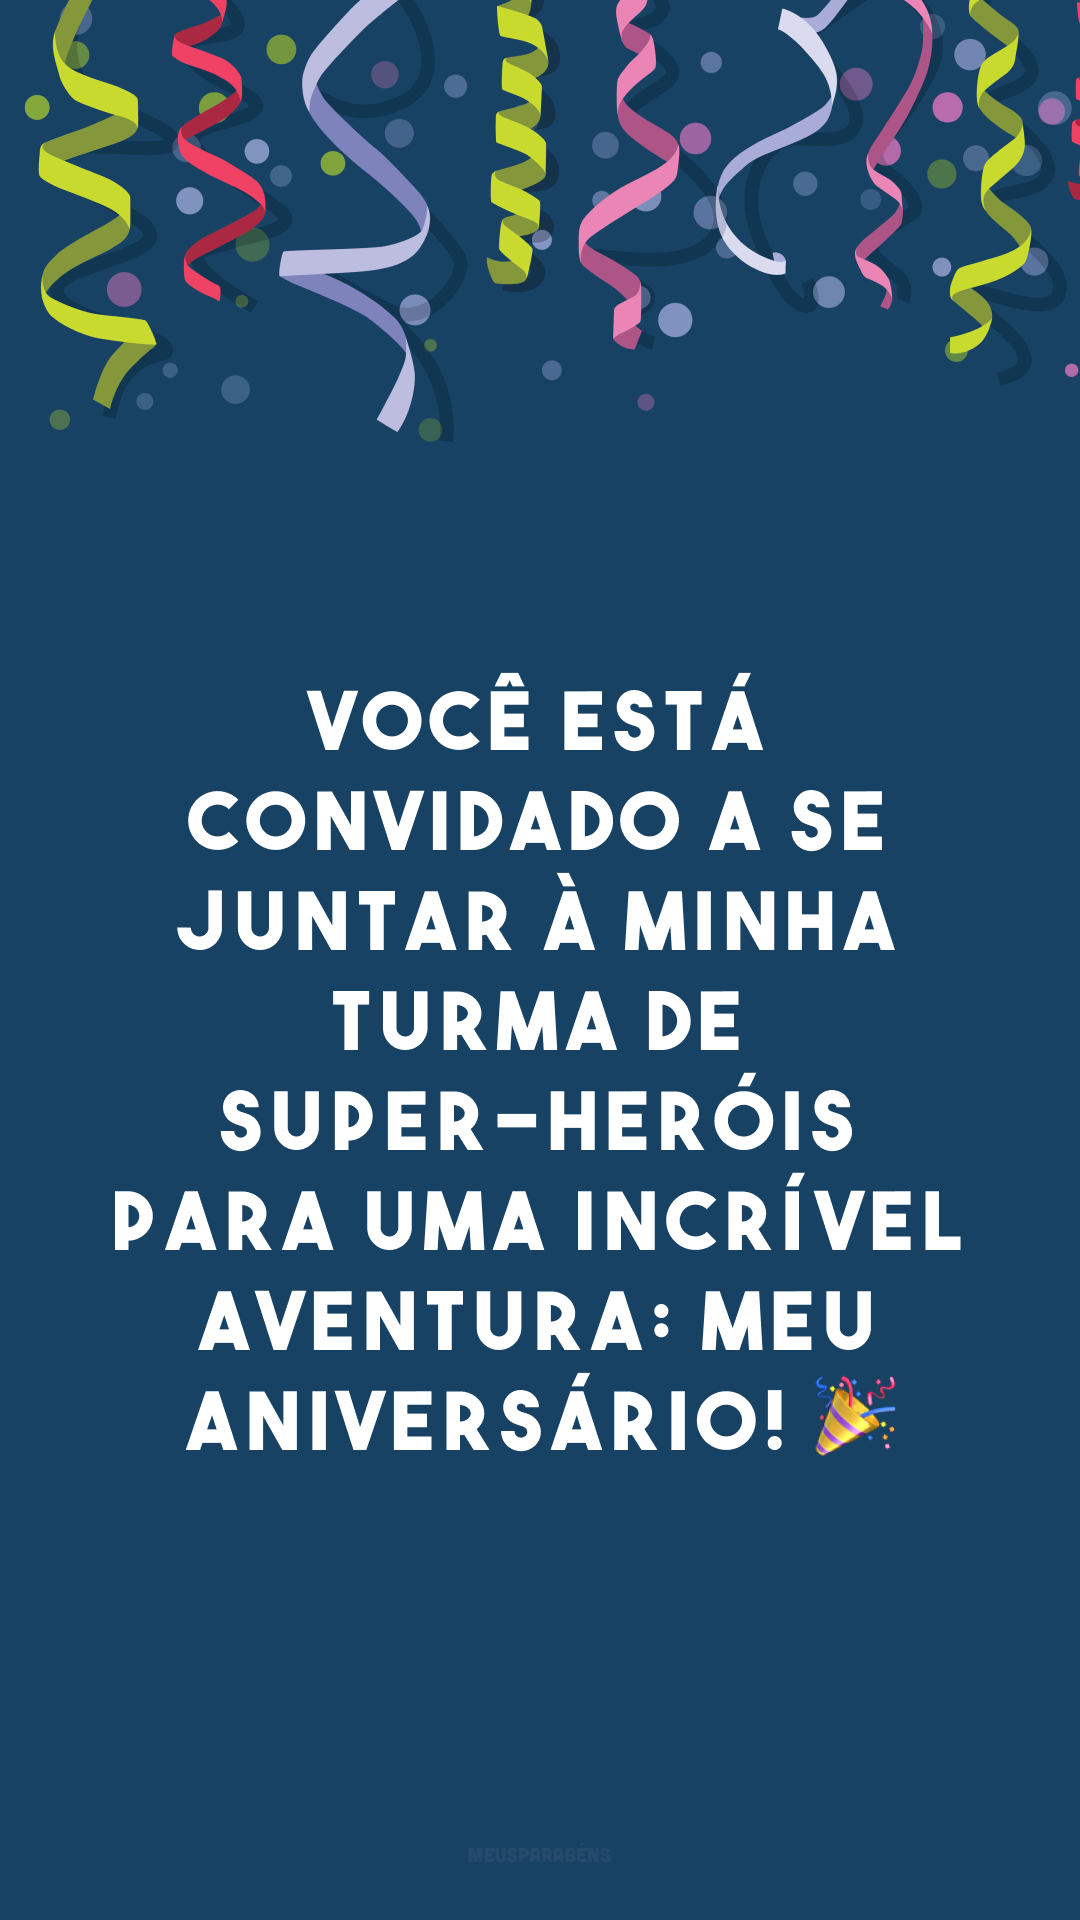 Você está convidado a se juntar à minha turma de super-heróis para uma incrível aventura: meu aniversário! 🎉